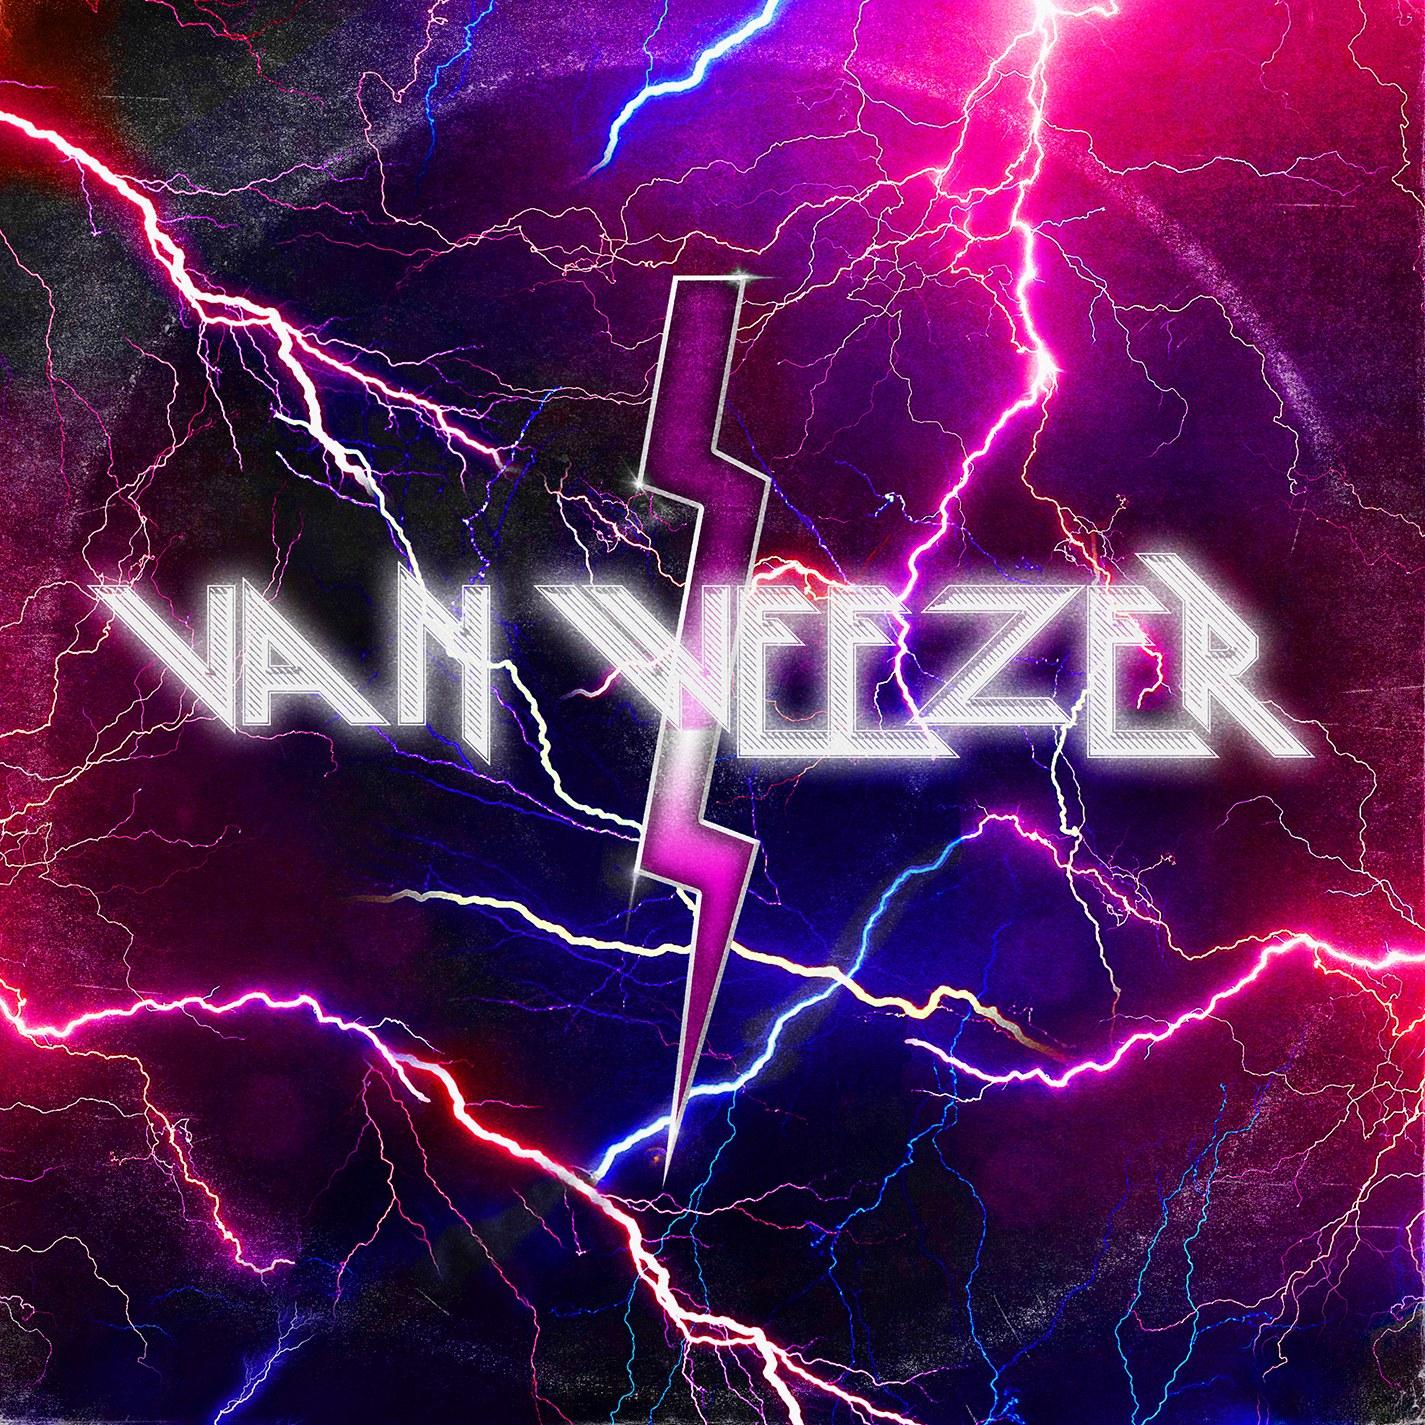 Weezer - Van Weezer [LTD LP]